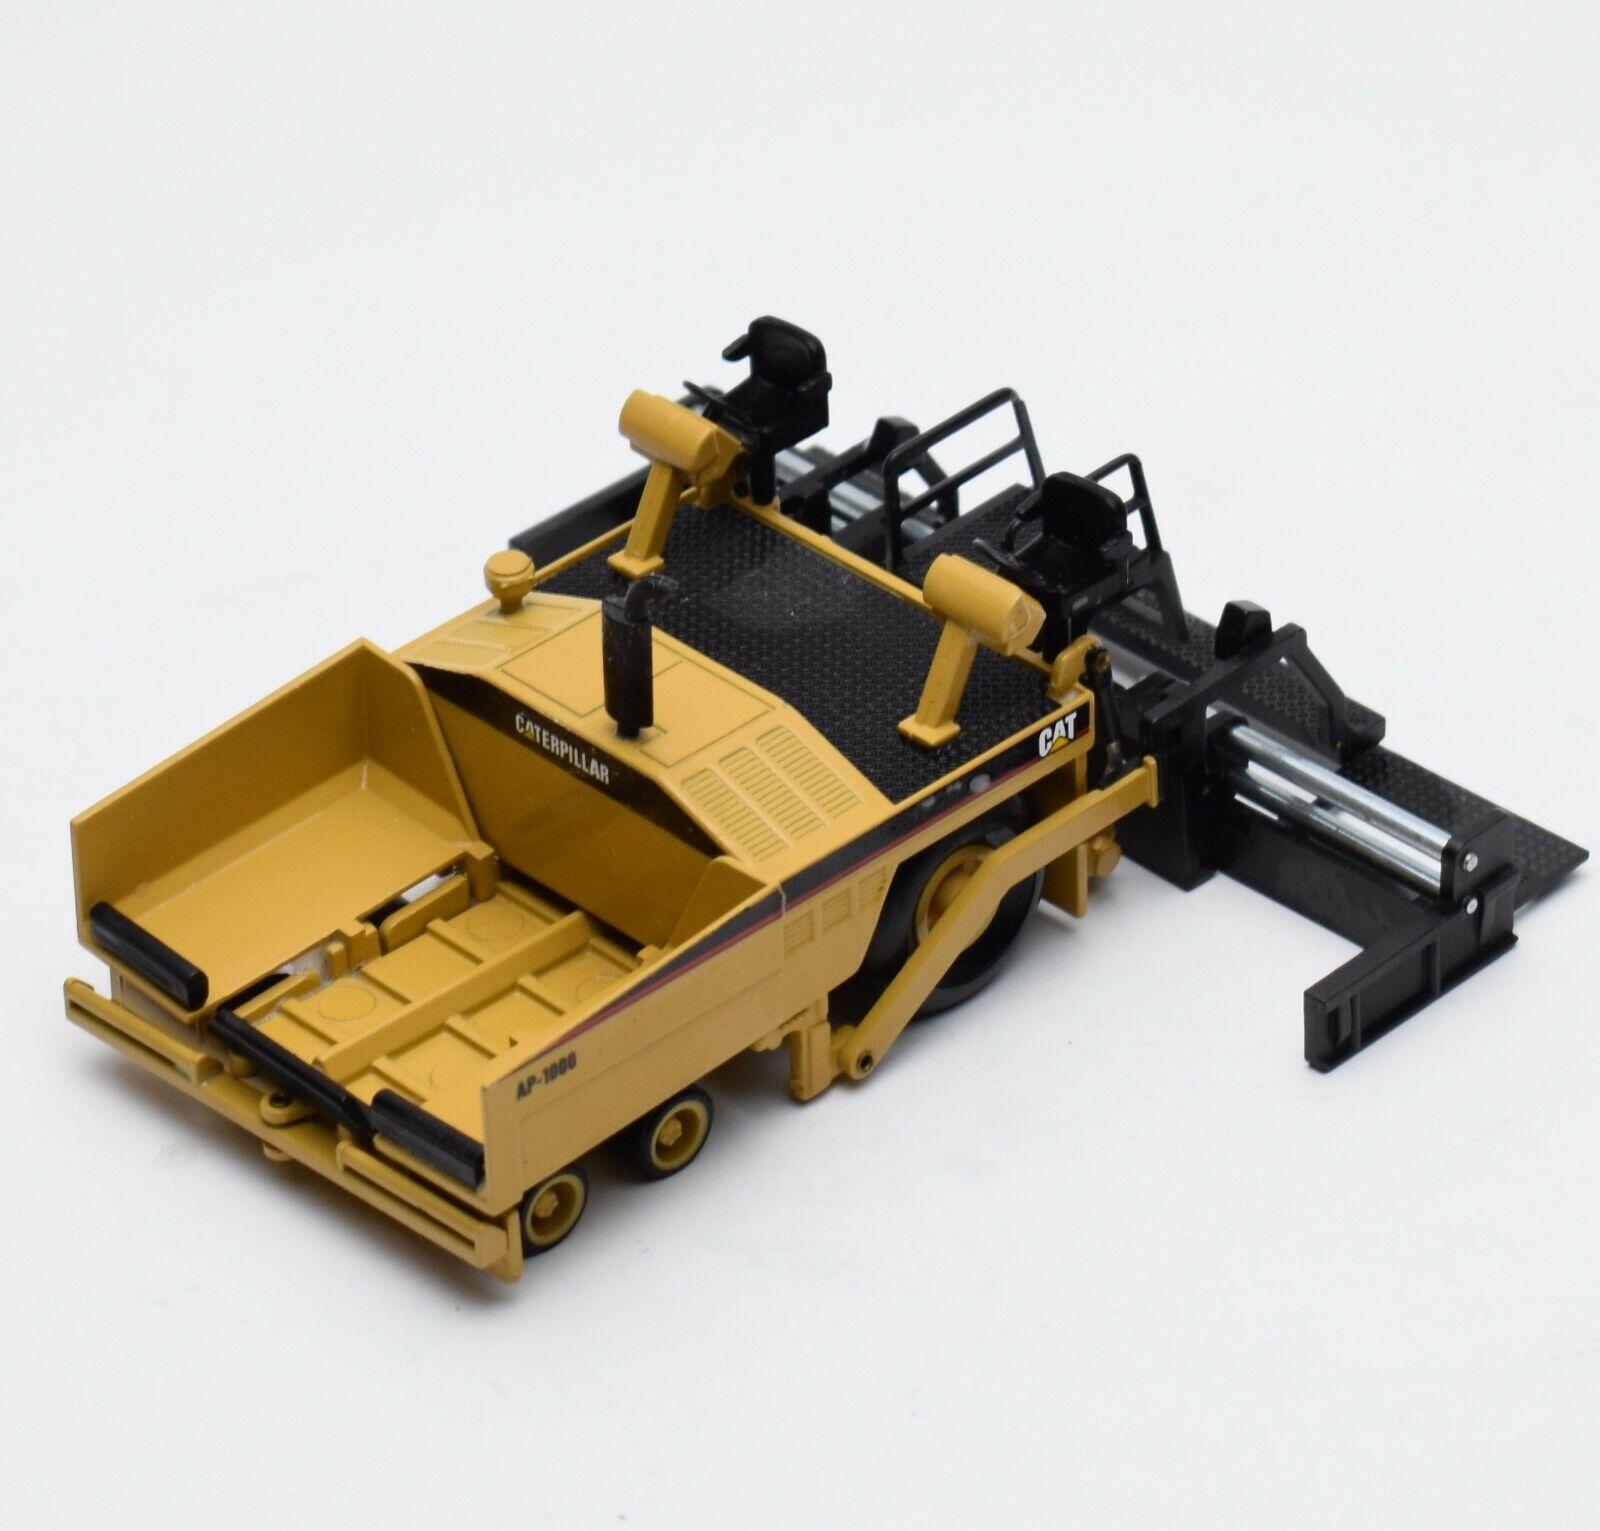 NZG 3881 Cat ap-1000 nerodeckenfertiger asfalto caterpillar, OVP, 1 50, x020